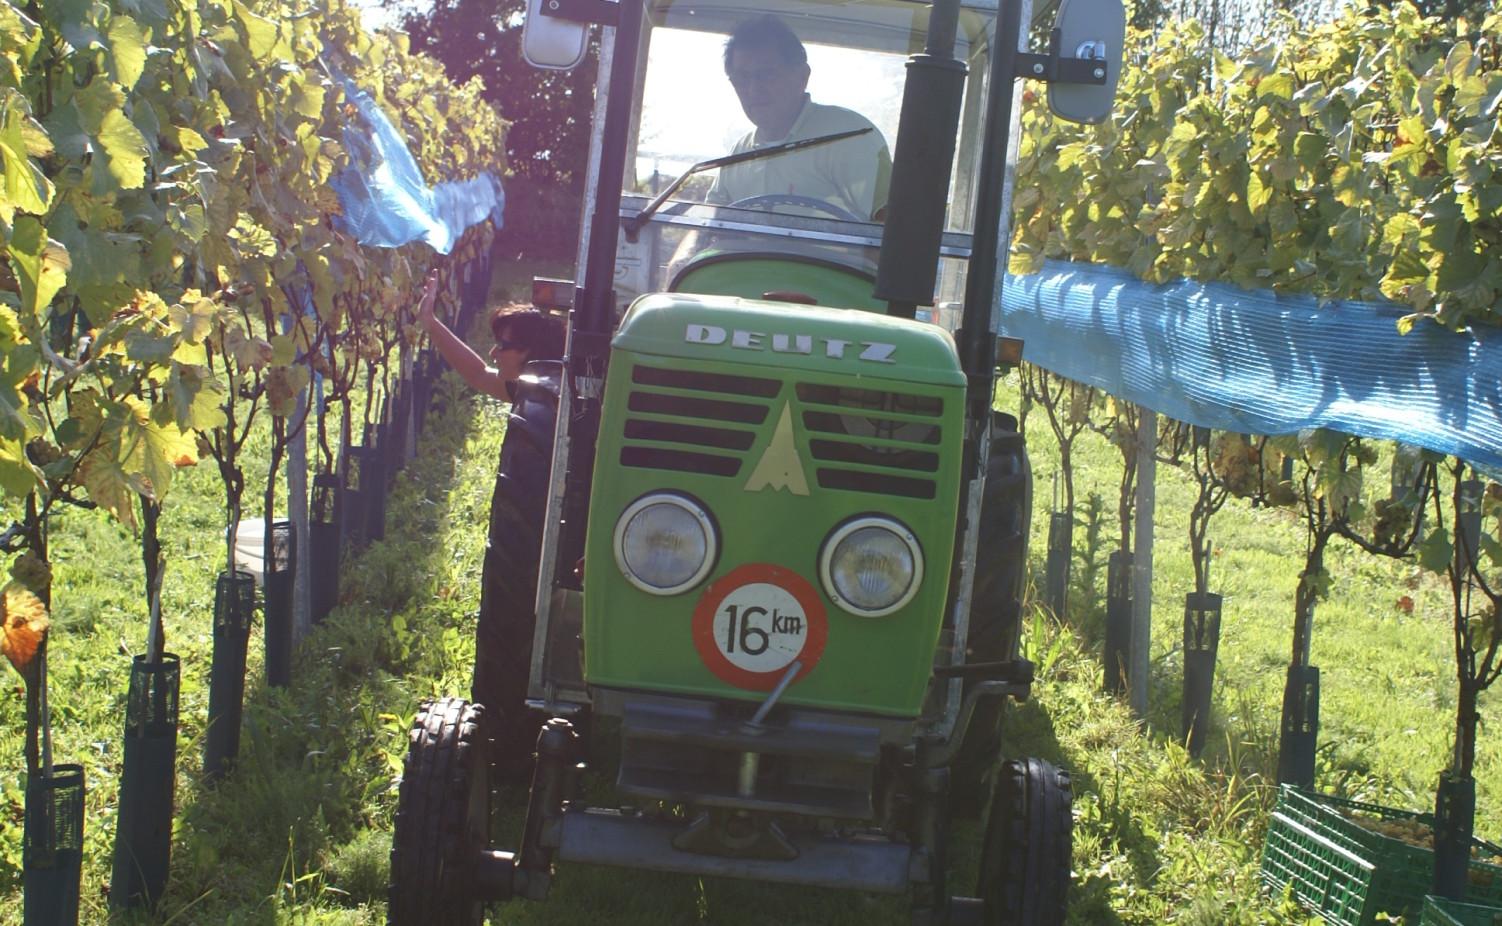 Op de kleine tractor door de wijngaard...